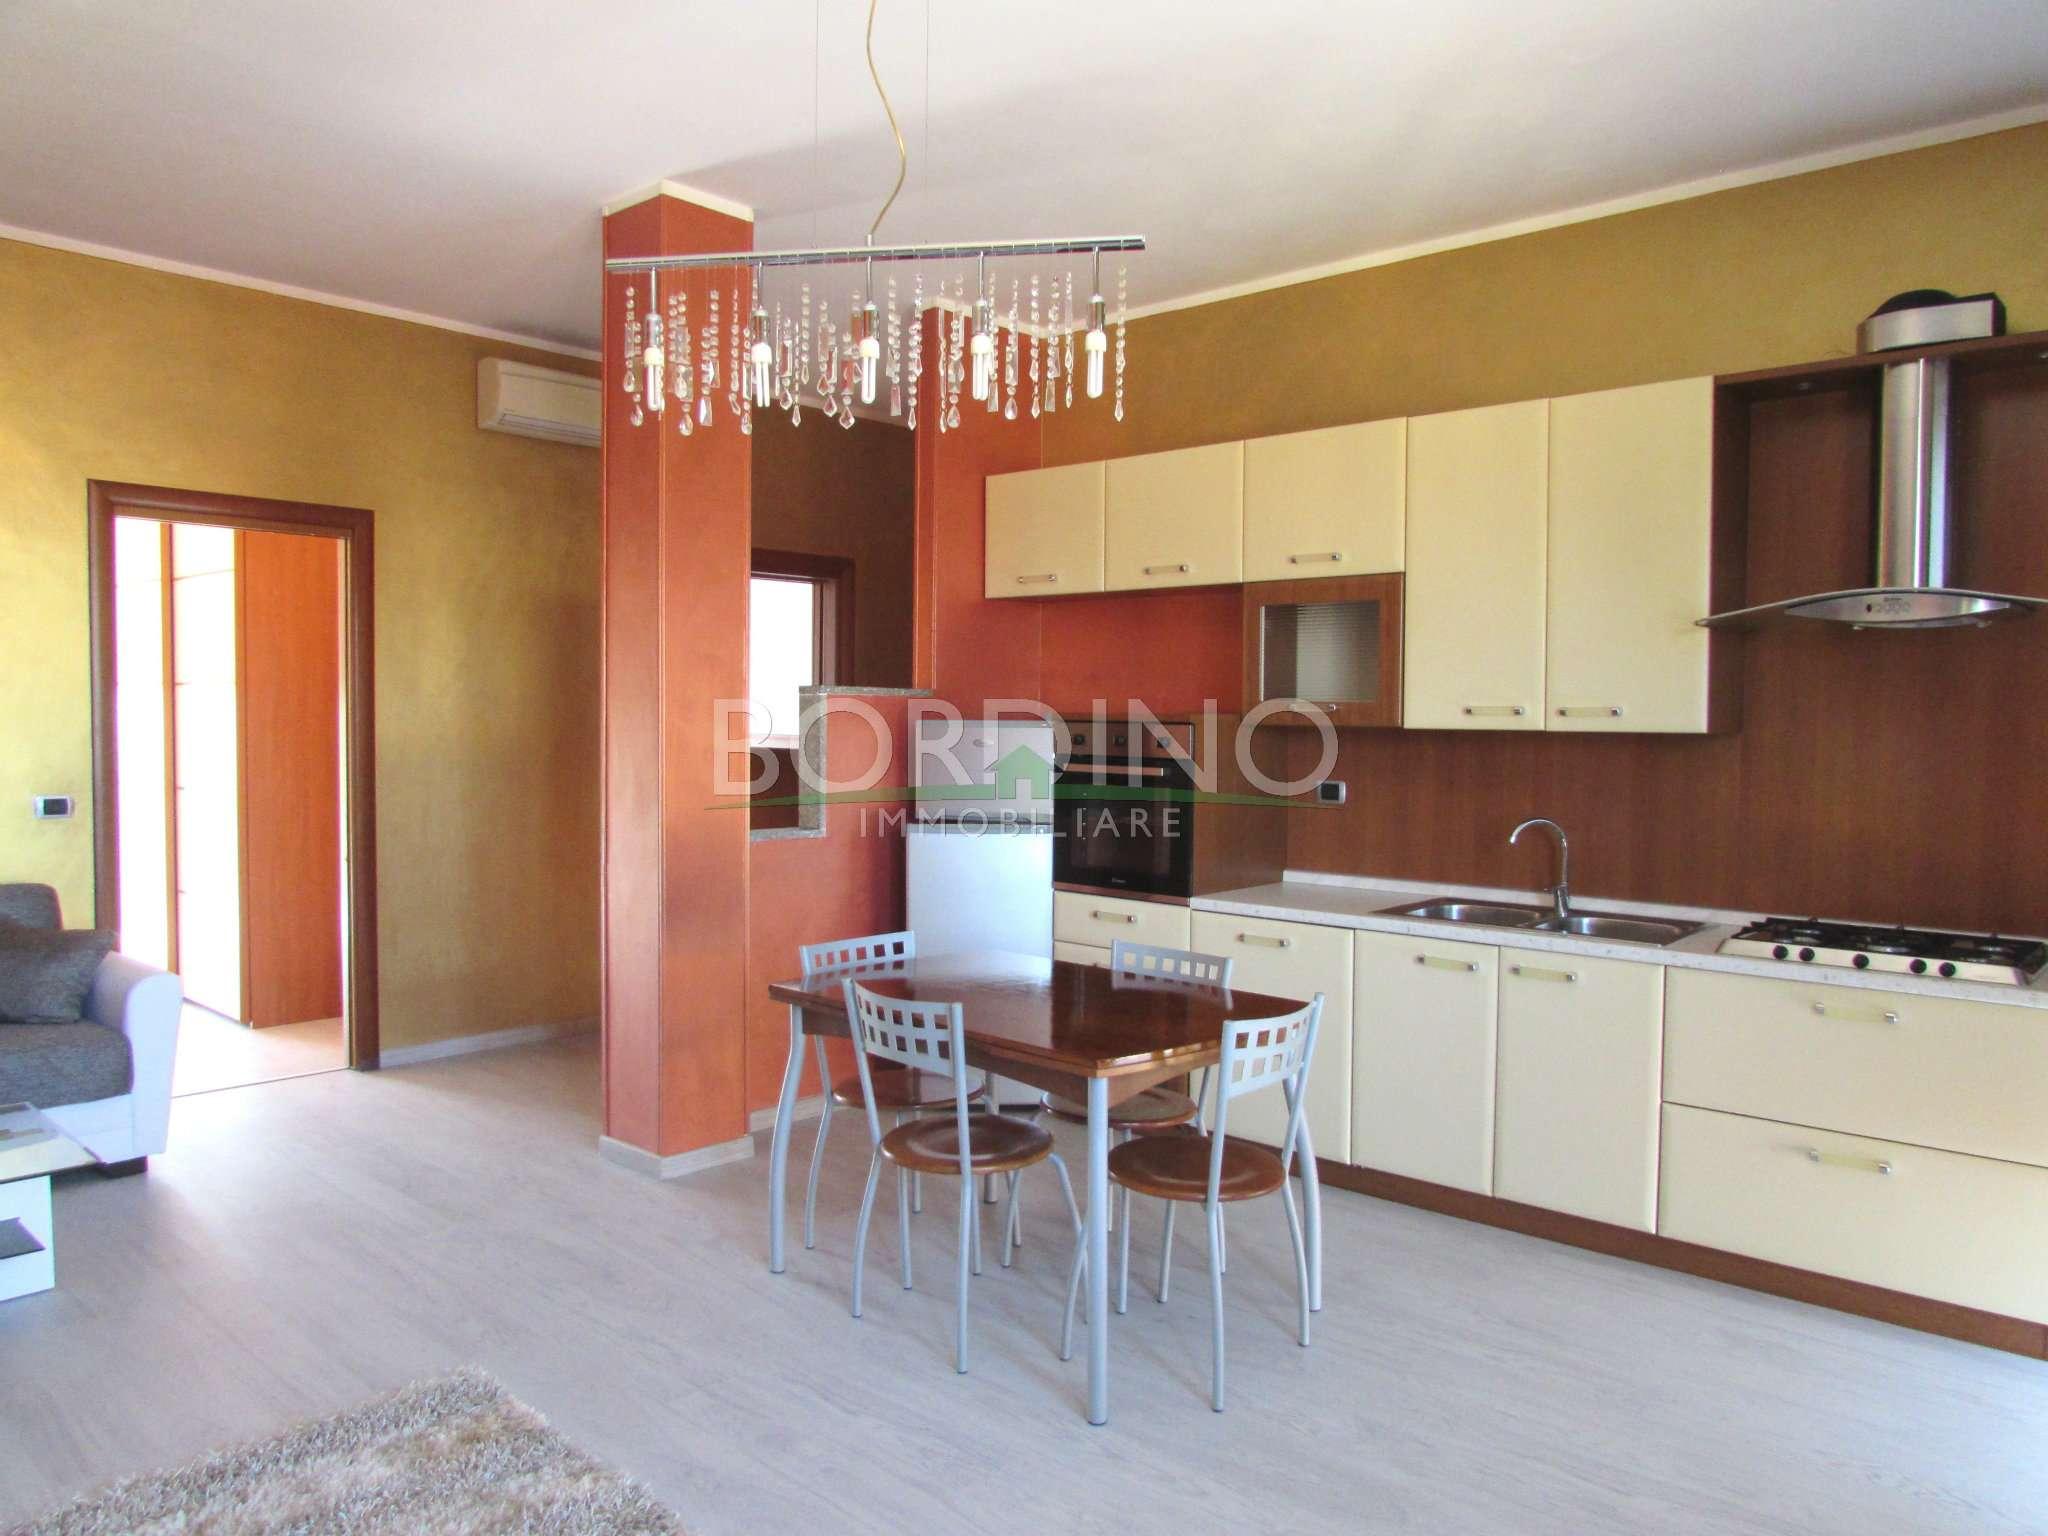 Appartamento in affitto a Magliano Alfieri, 3 locali, prezzo € 480 | CambioCasa.it